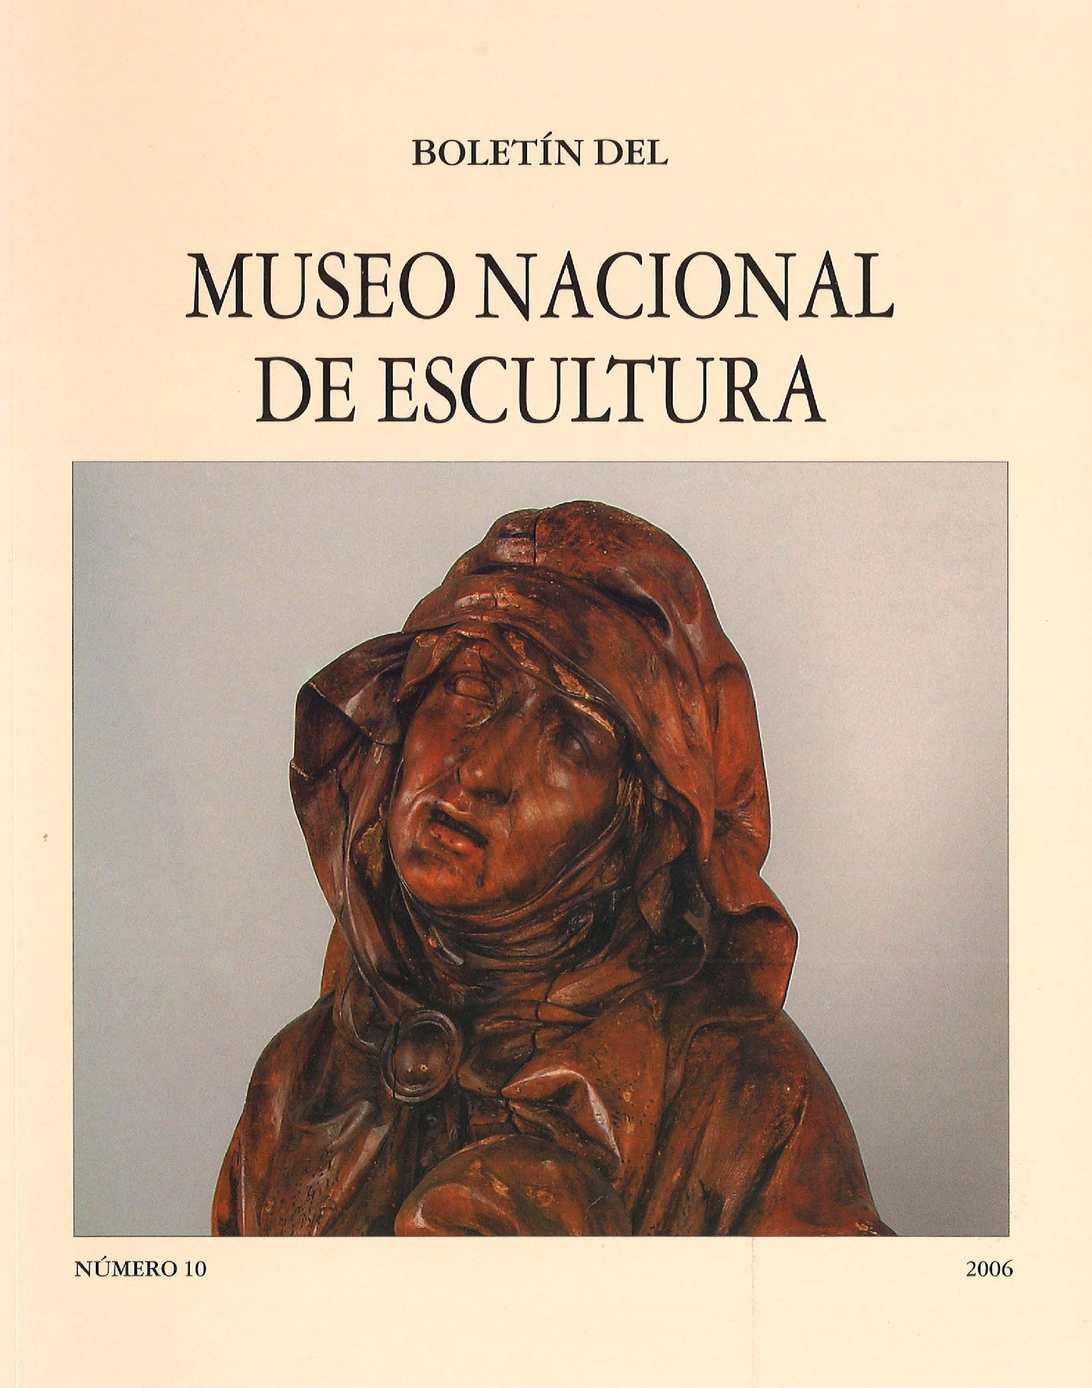 Calaméo - Boletin del Museo Nacional de Escultura 10 2006